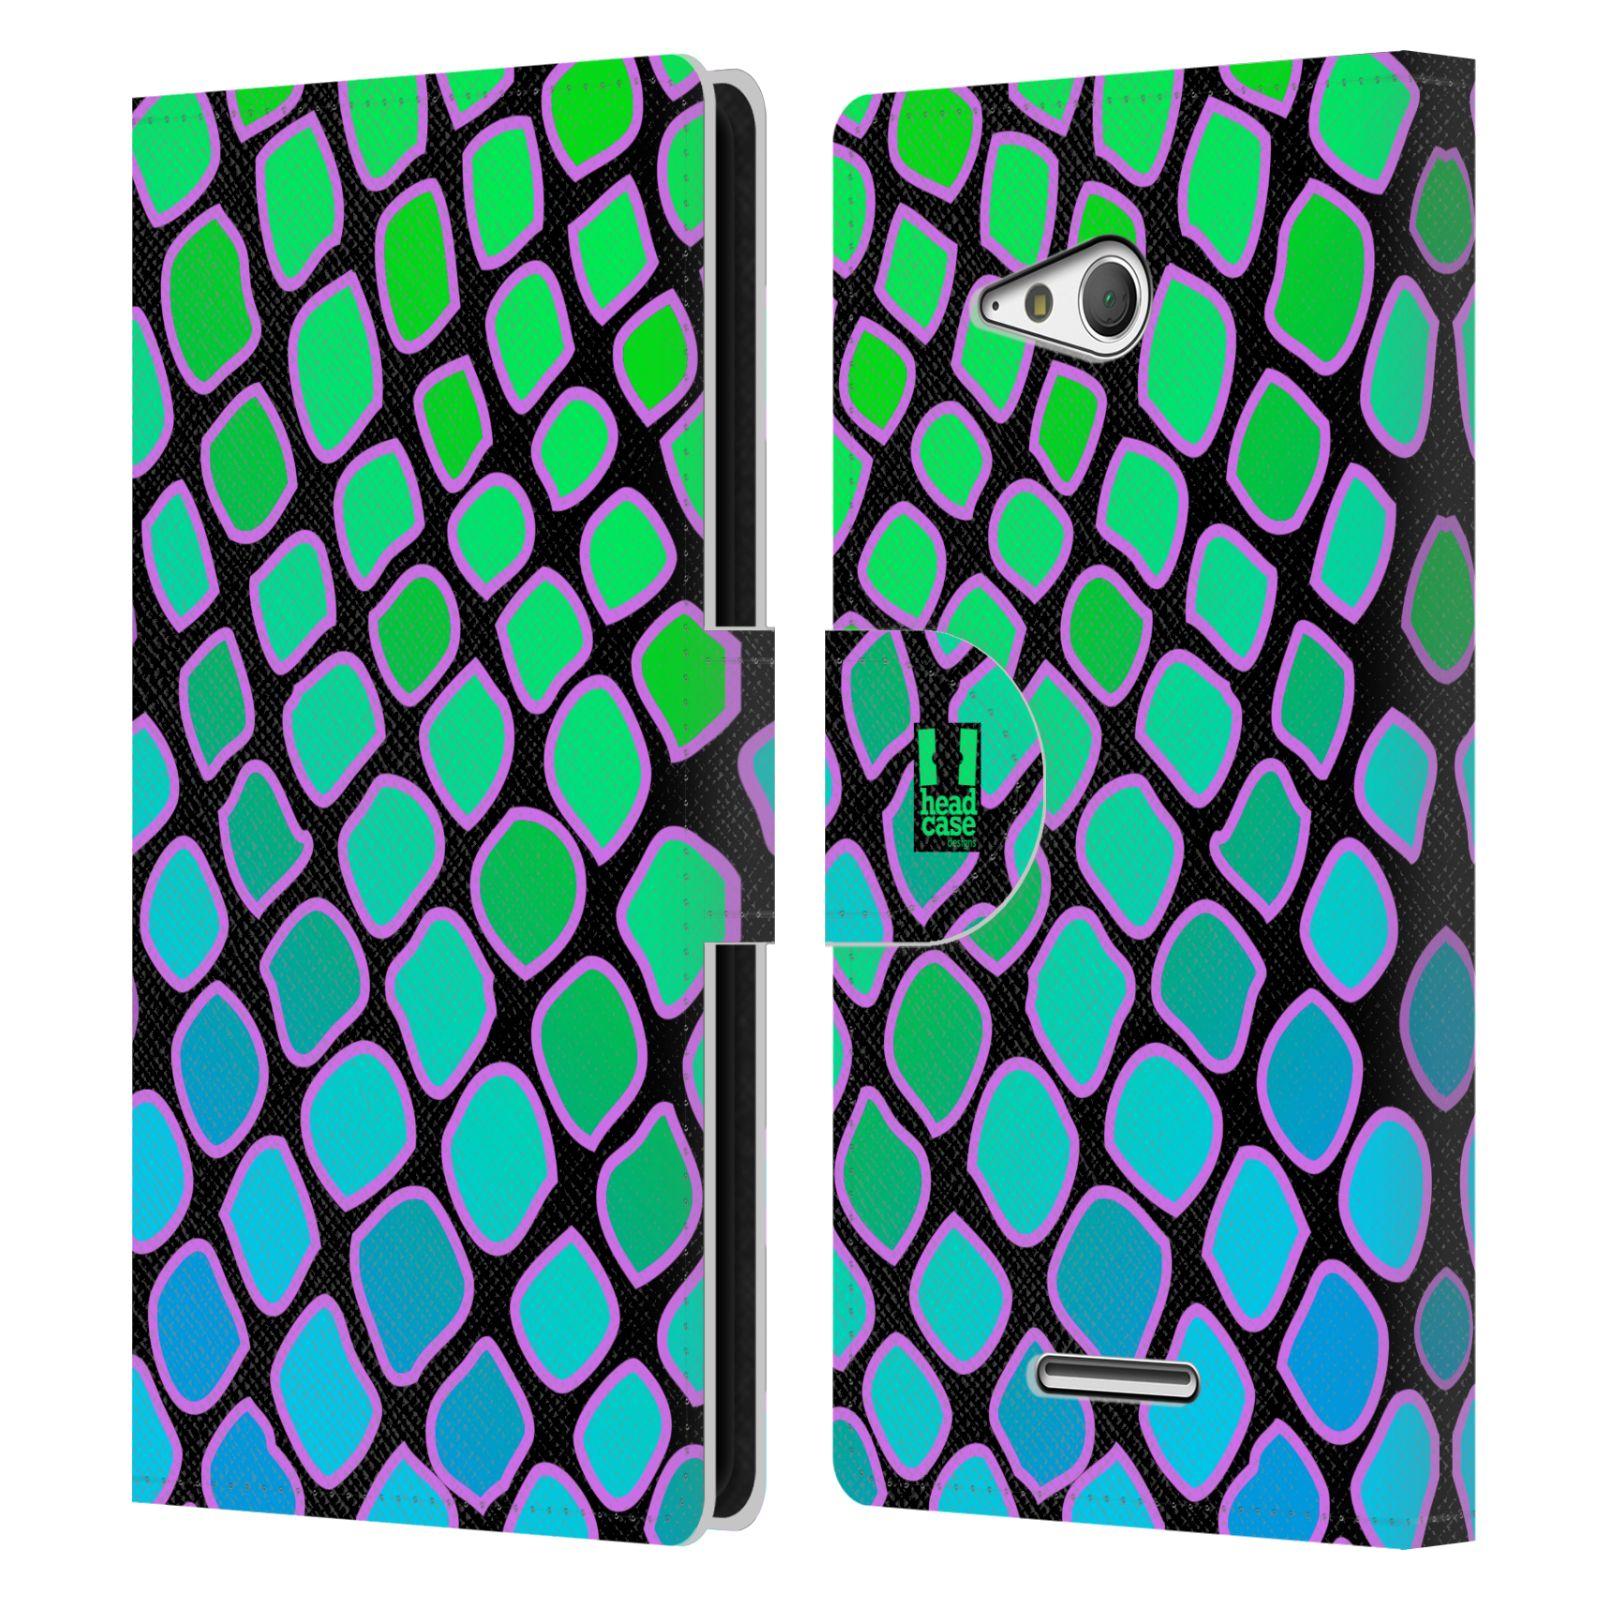 HEAD CASE Flipové pouzdro pro mobil SONY XPERIA E4g Zvířecí barevné vzory vodní had modrá a zelená barva AQUA